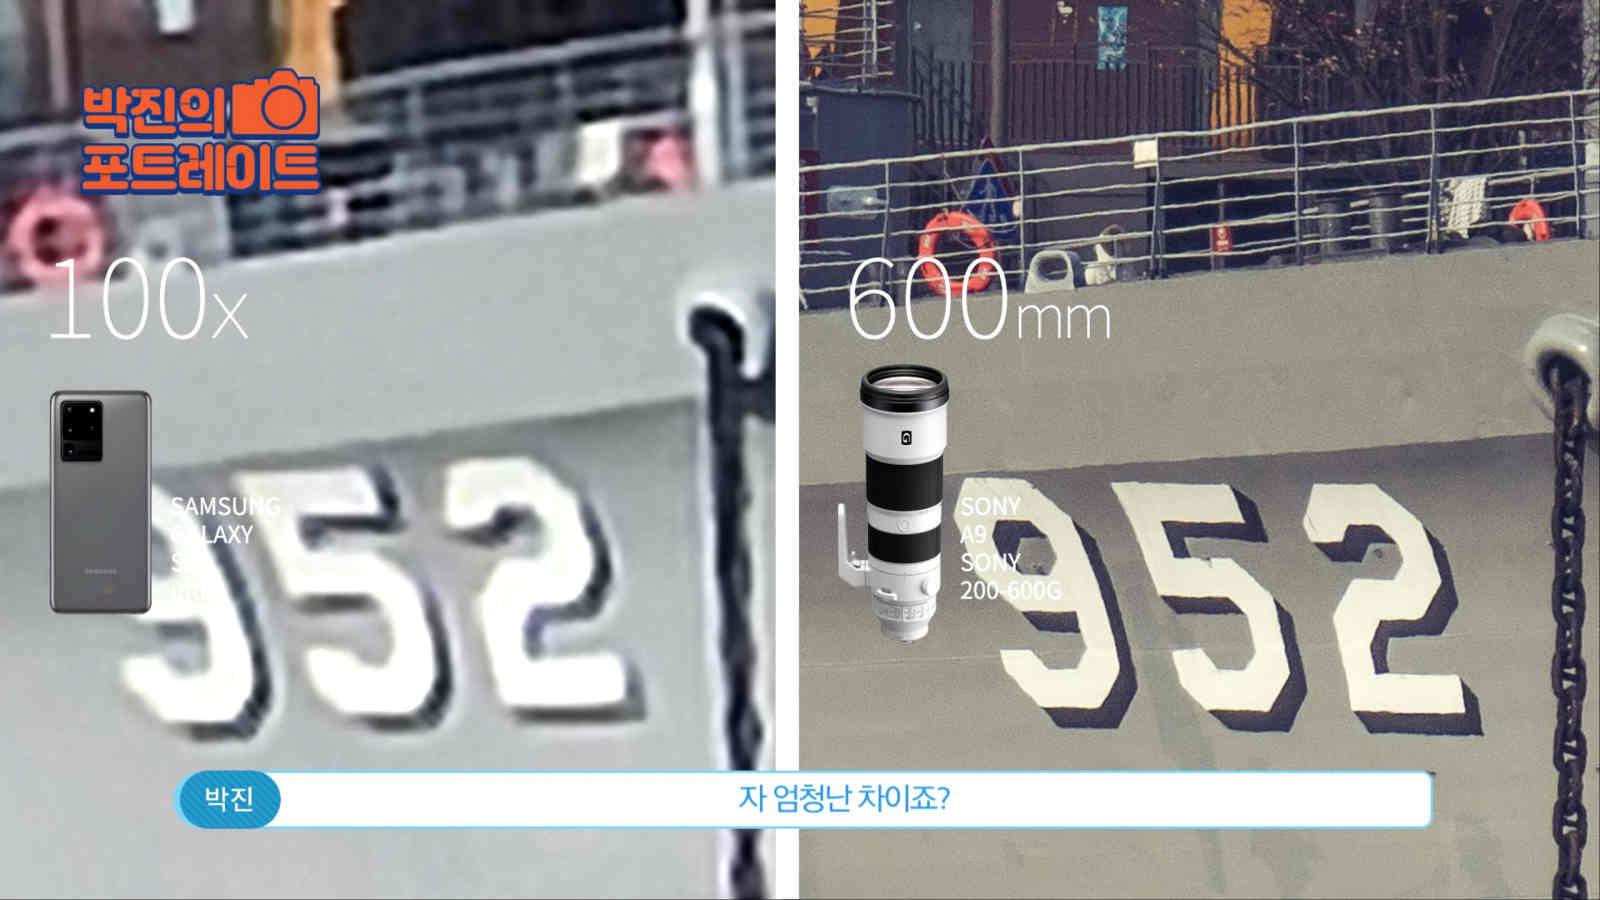 Galaxy S20 Ultra đọ zoom với bộ máy ảnh Sony trị giá 140 triệu đồng